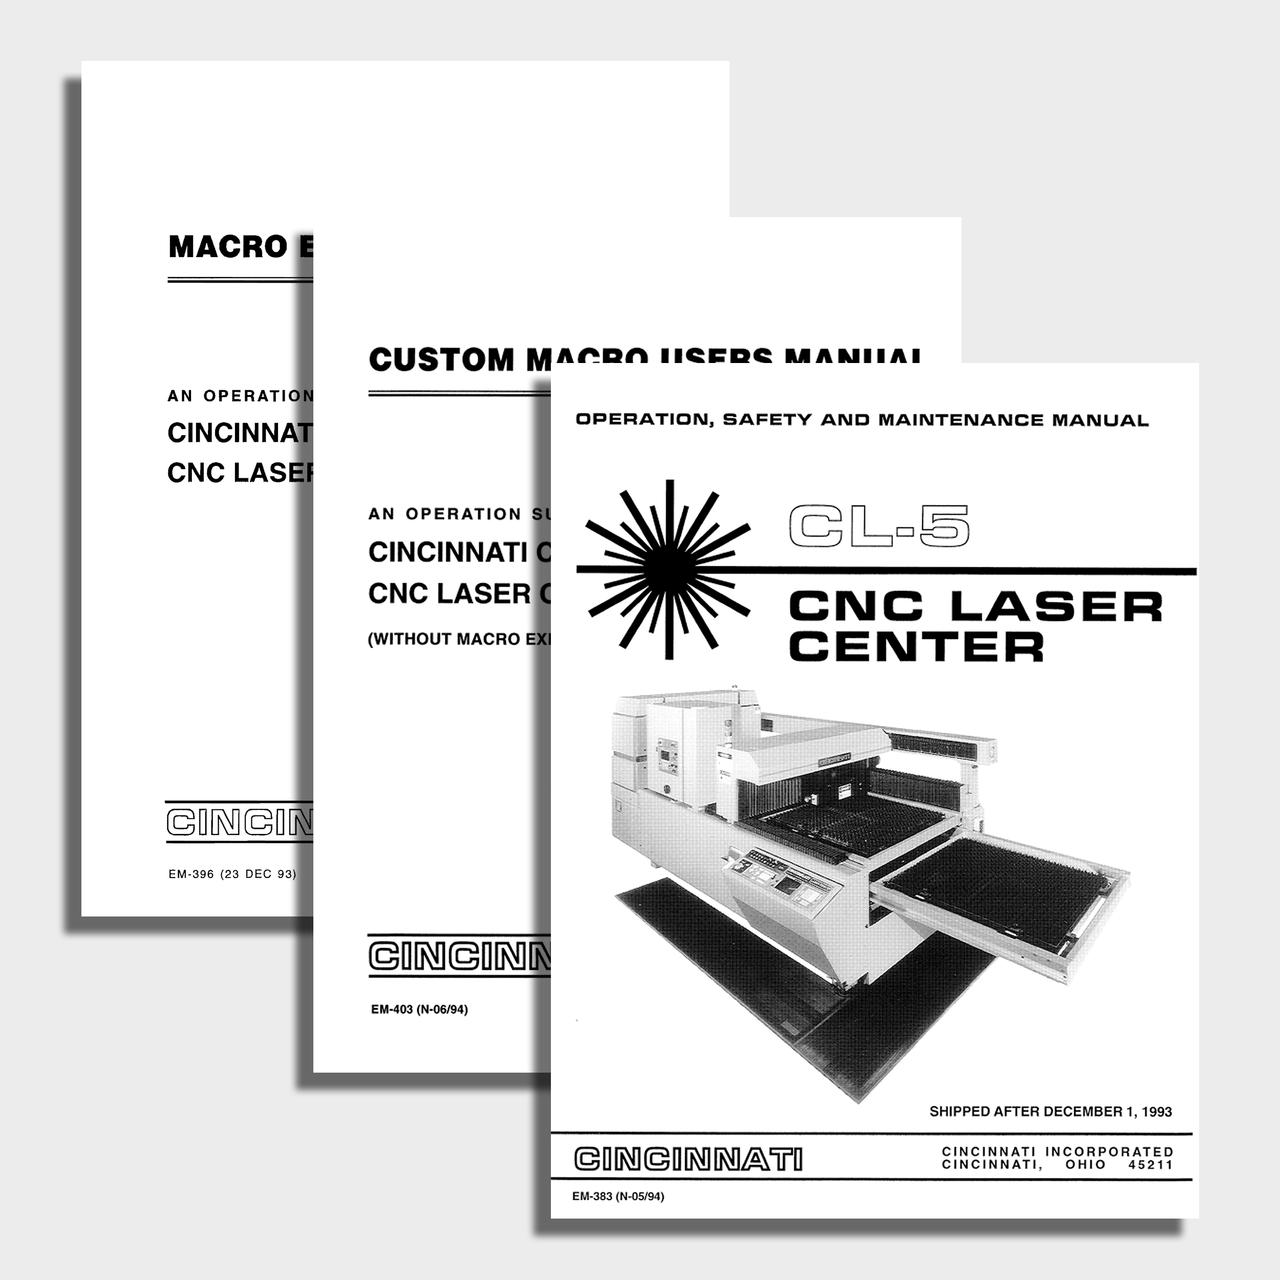 CL5 CNC Laser Center Manual Bundle